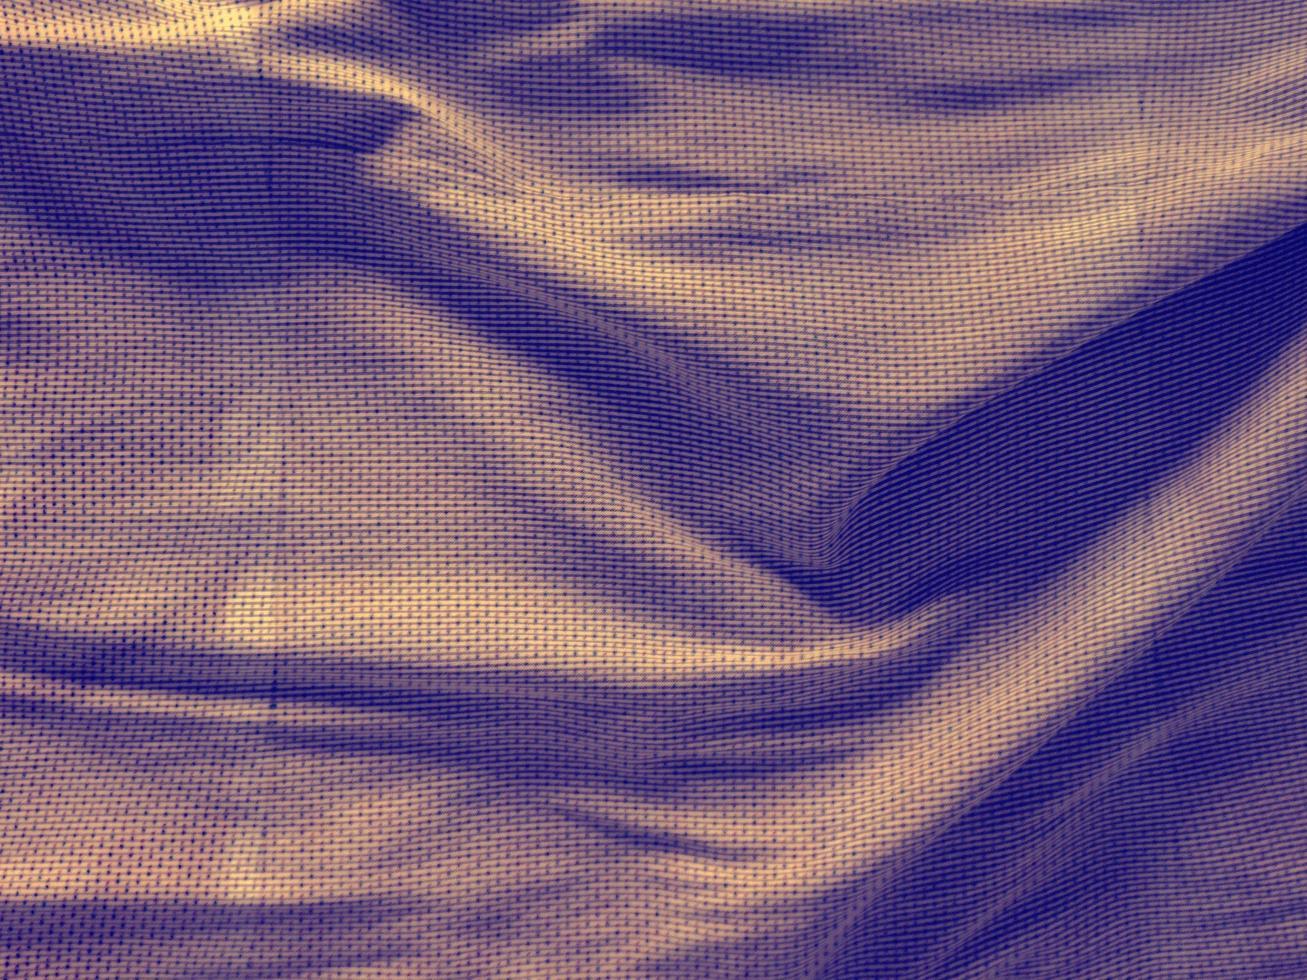 Textur von farbigem Tuch foto